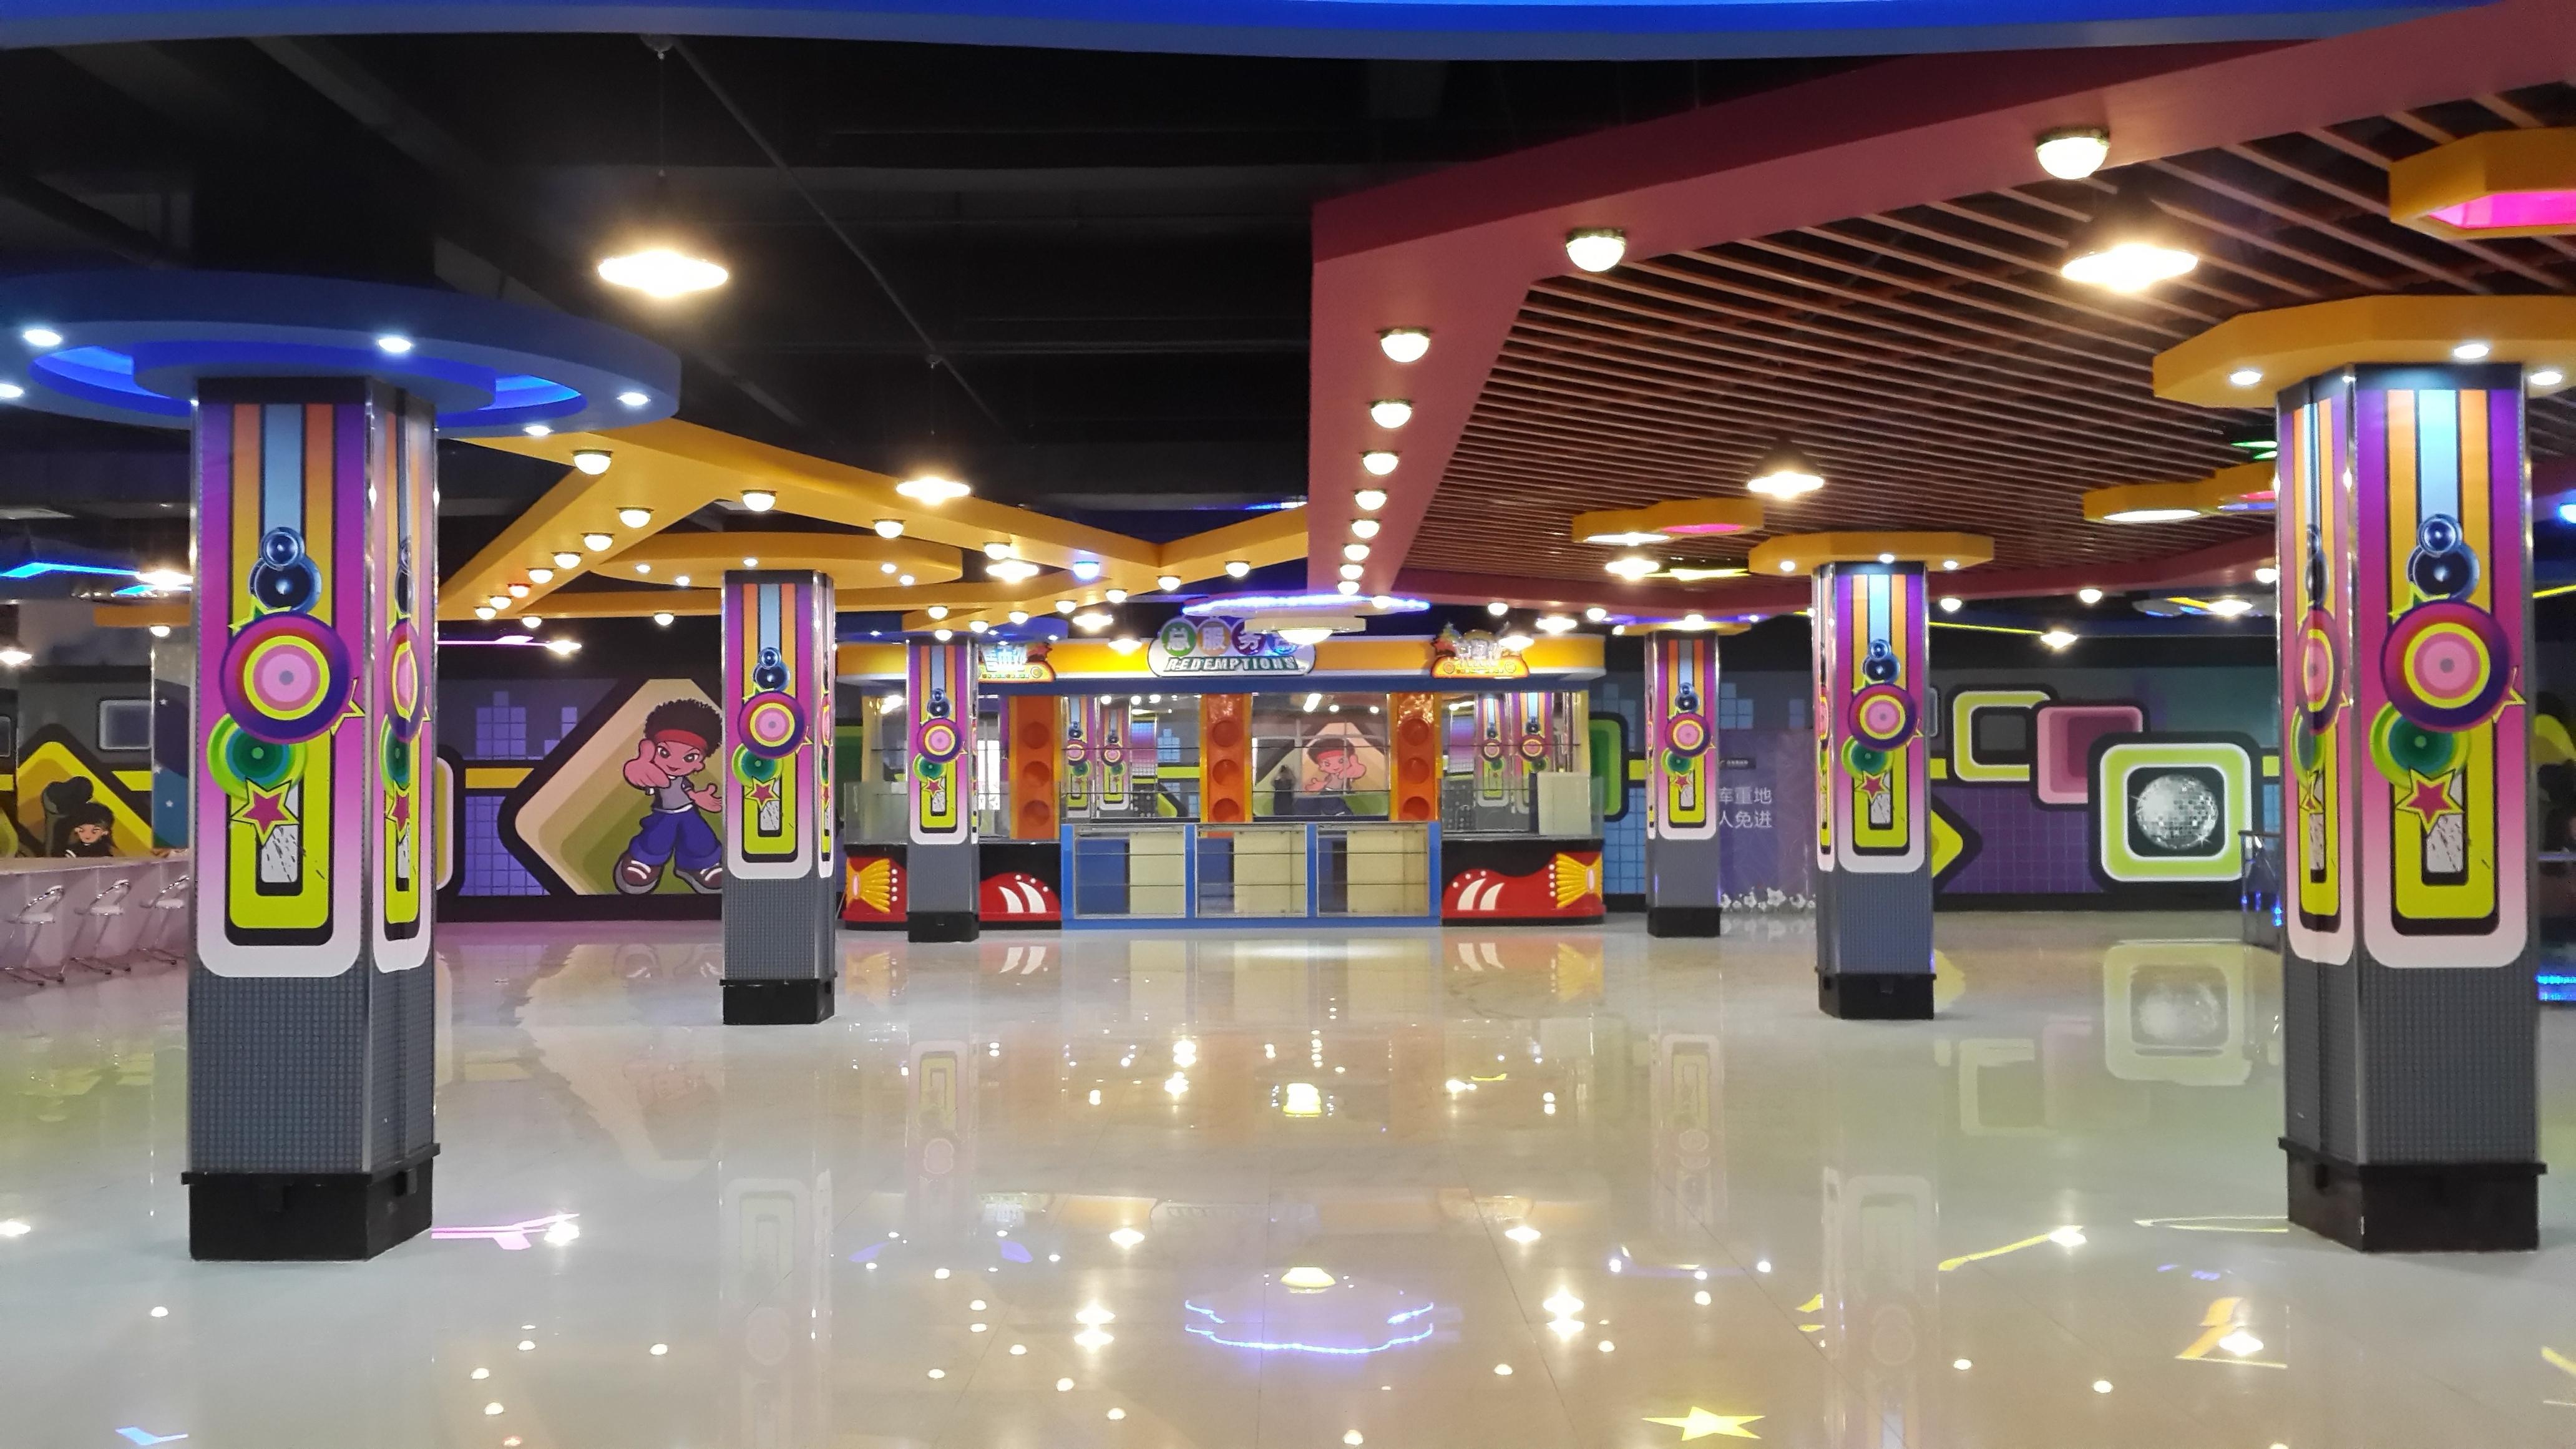 吉林室内儿童主题乐园整体规划,吉林游乐场新场景效果